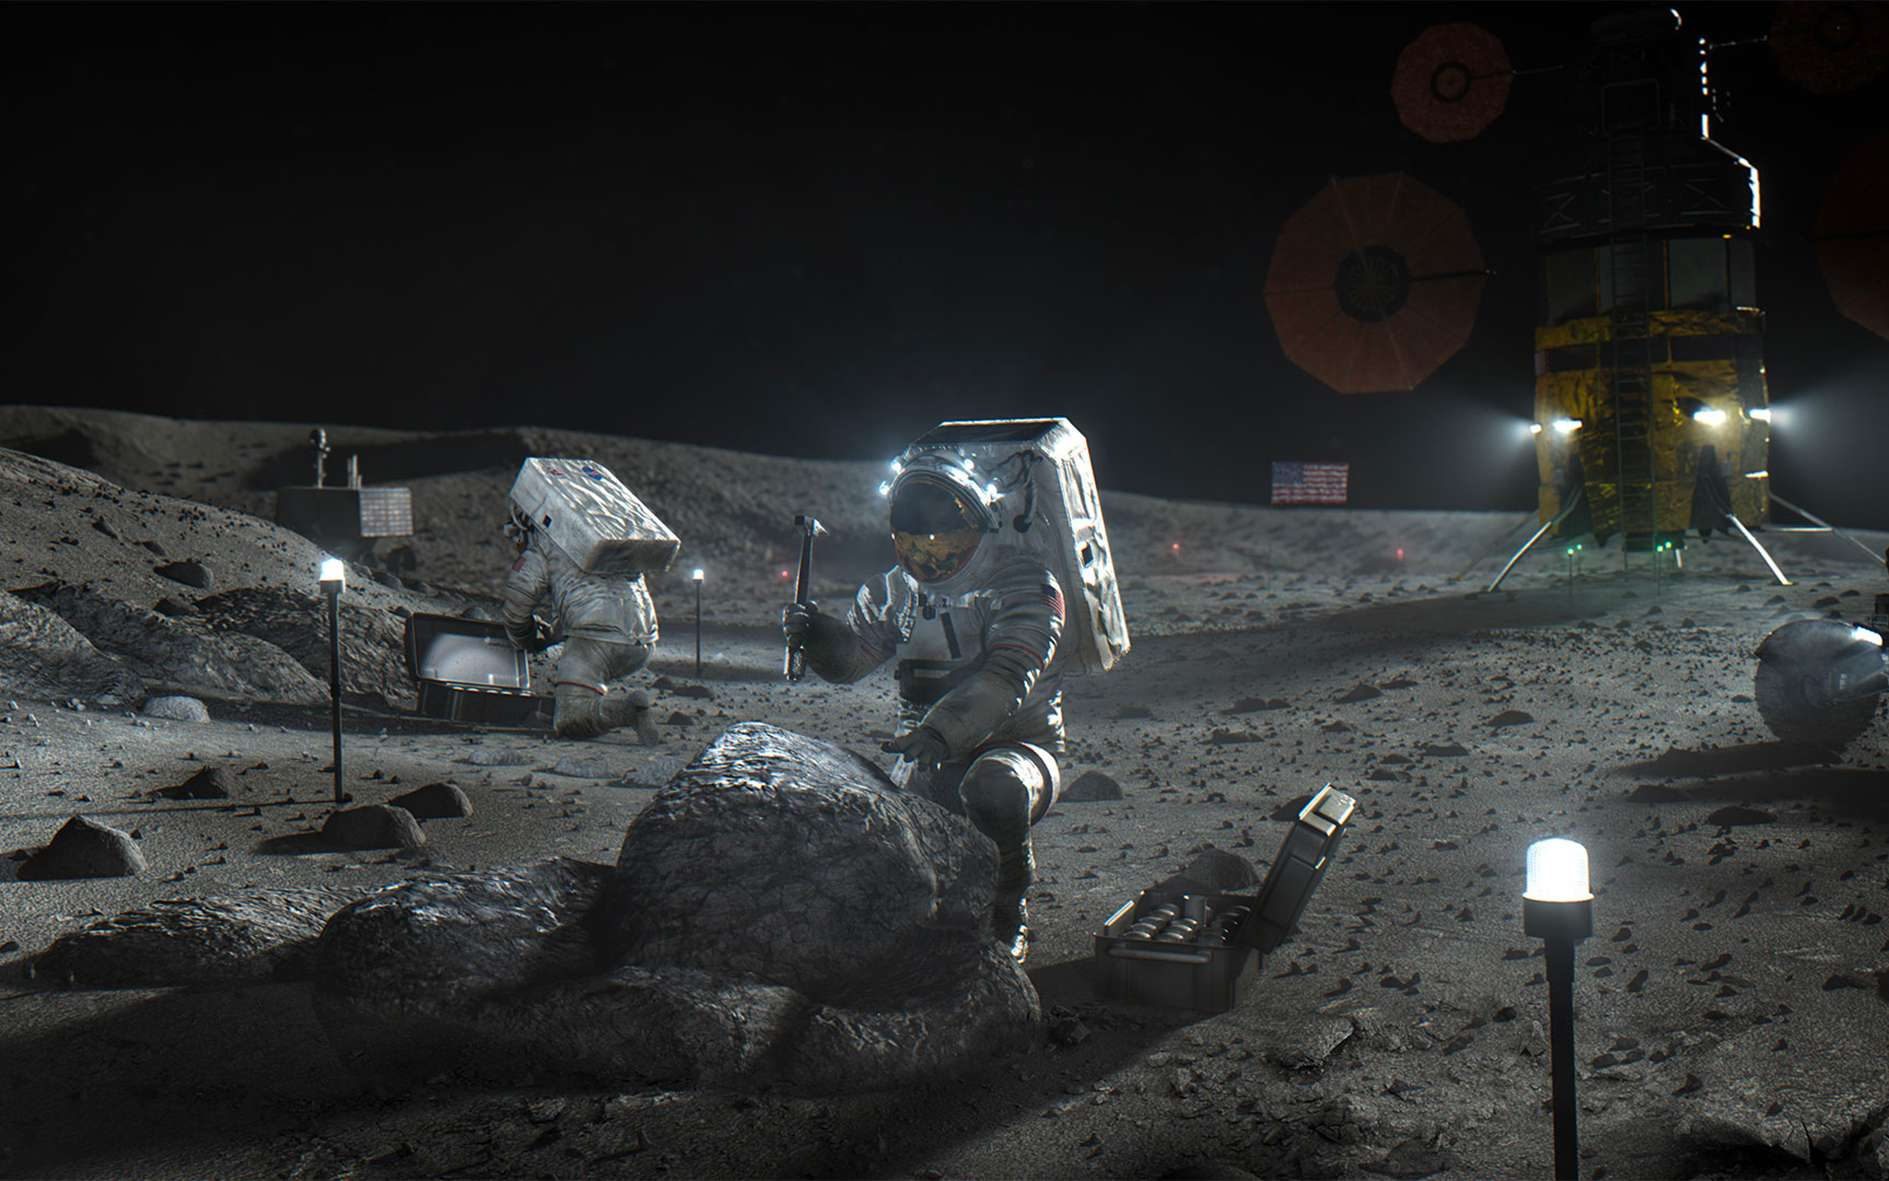 Le Camp de base Artemis qui sera installé dès Artemis 3 en 2024, année visée pour le retour des Américains sur la Lune. © Nasa